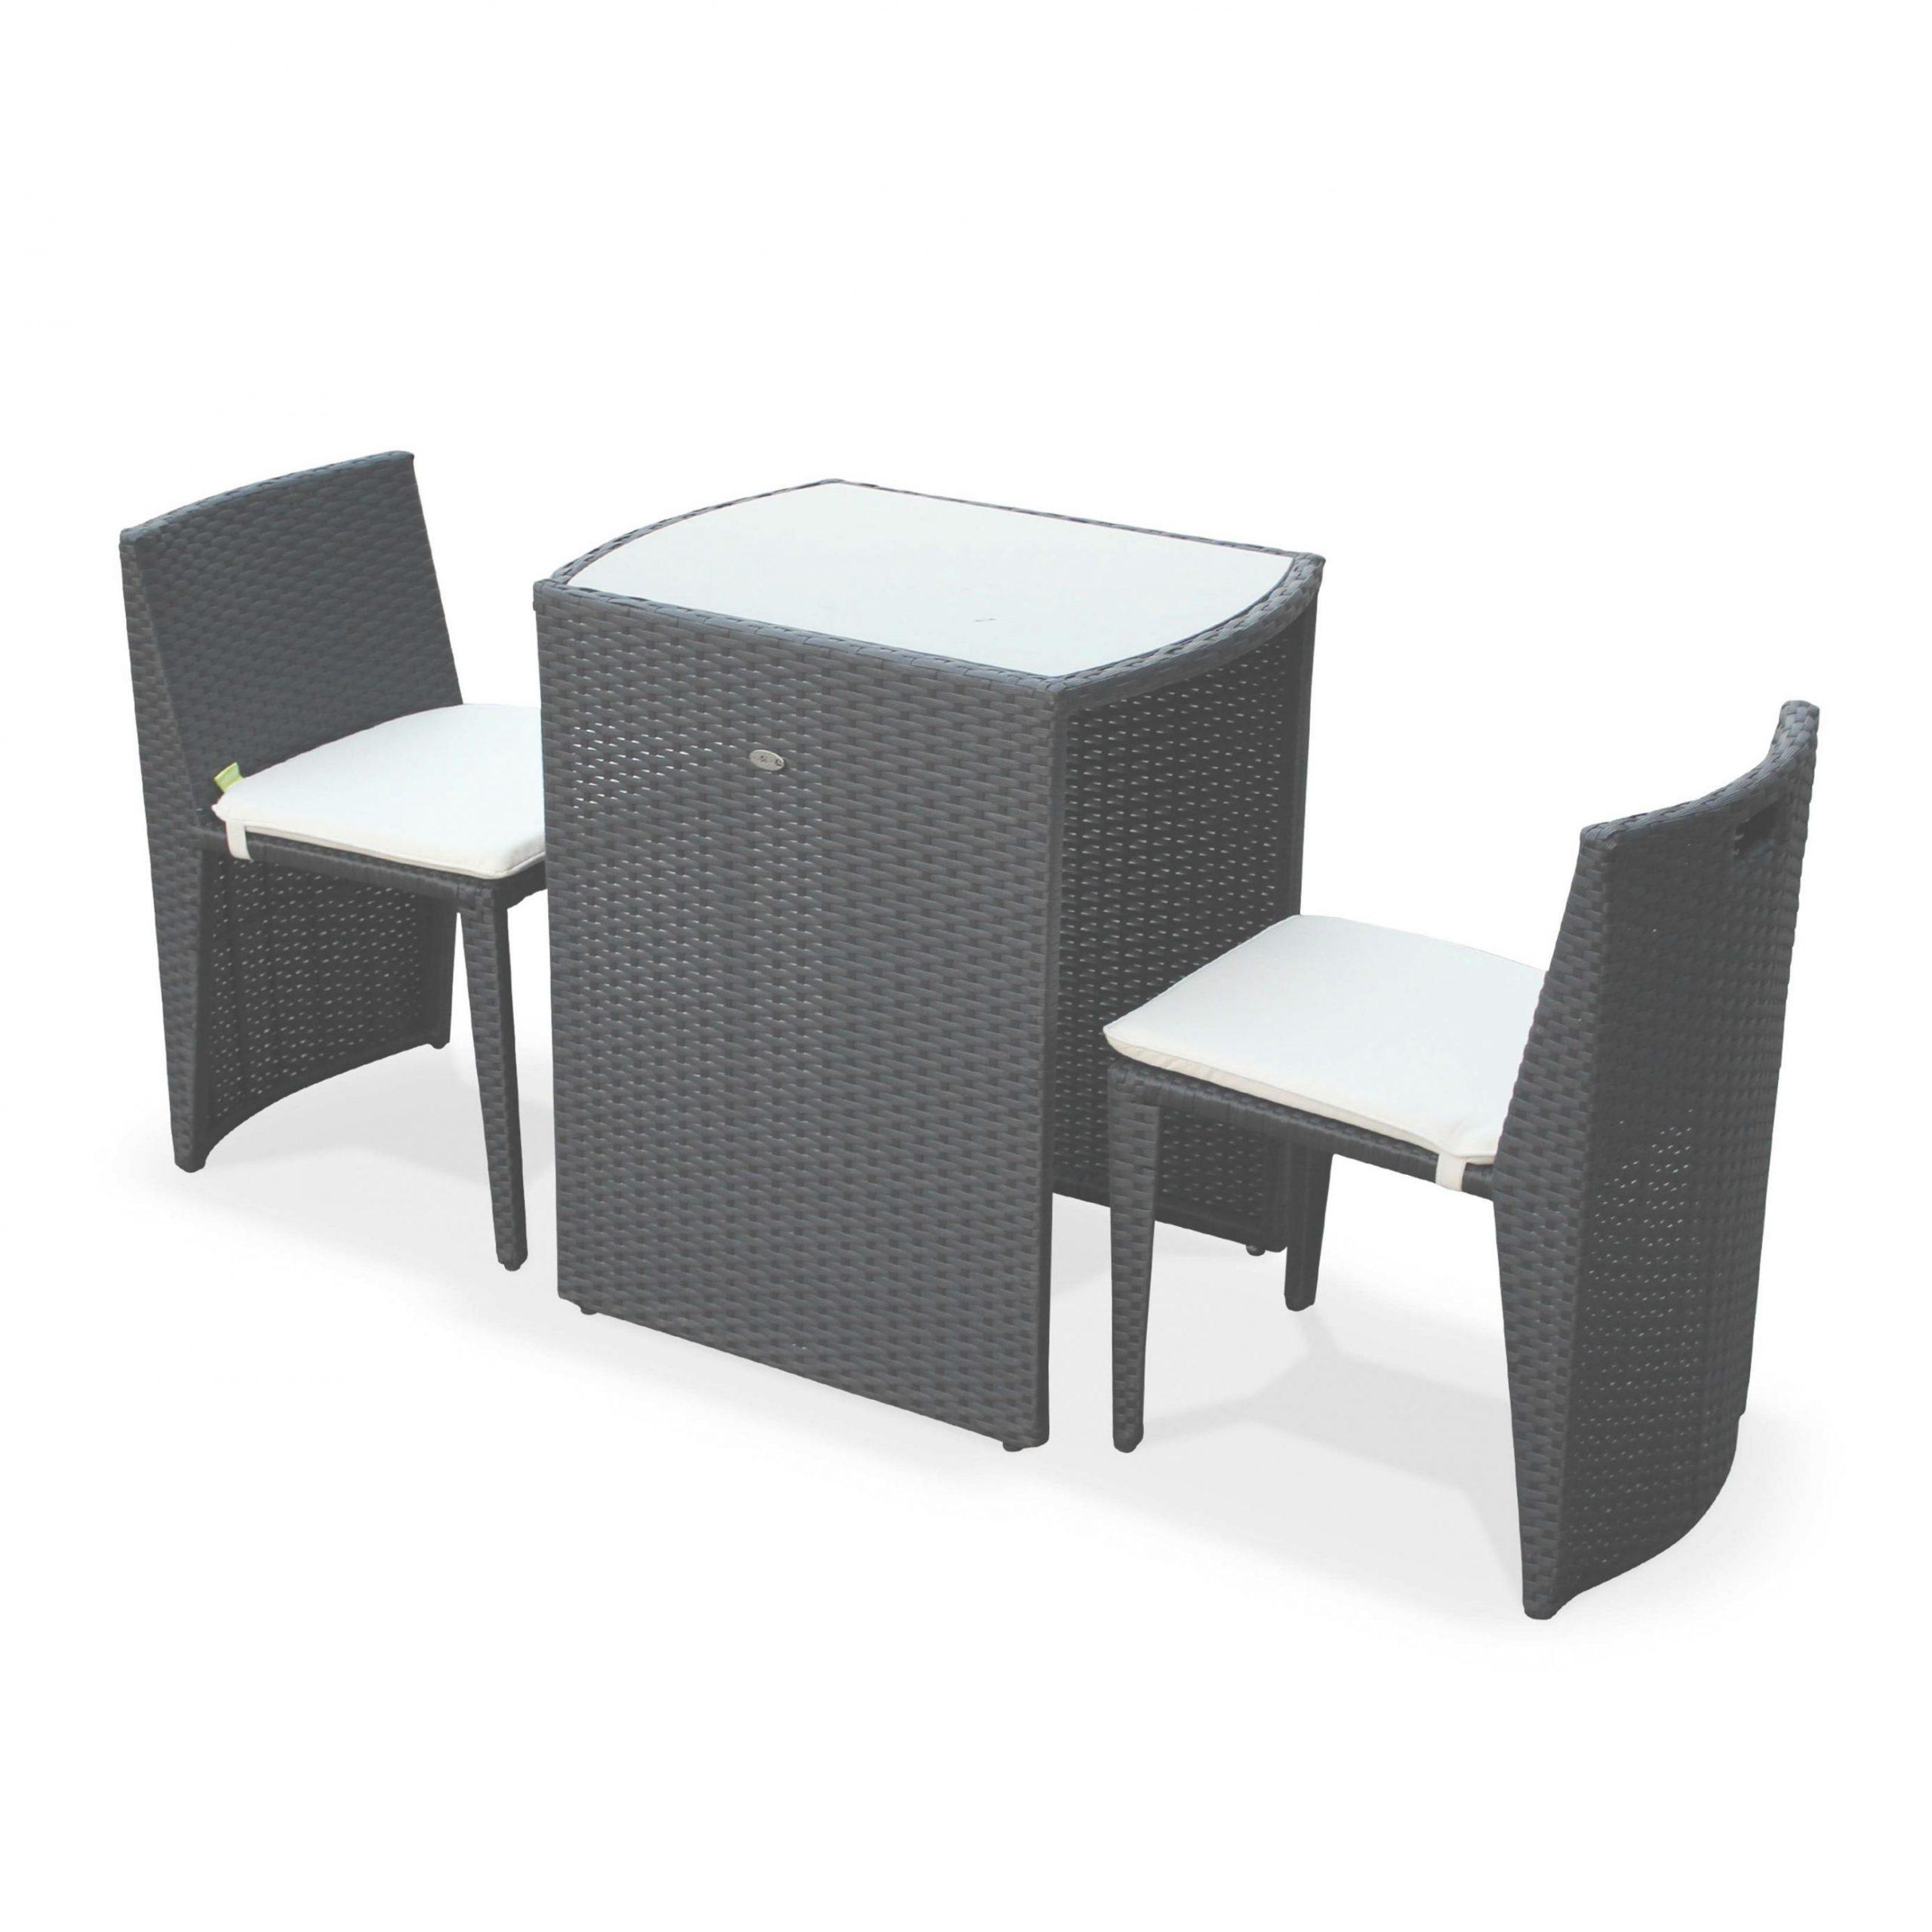 À Nouveau Table Salon Frais De Couette Ikea Blanc Lit Casa ... pour Casa Chaise De Jardin